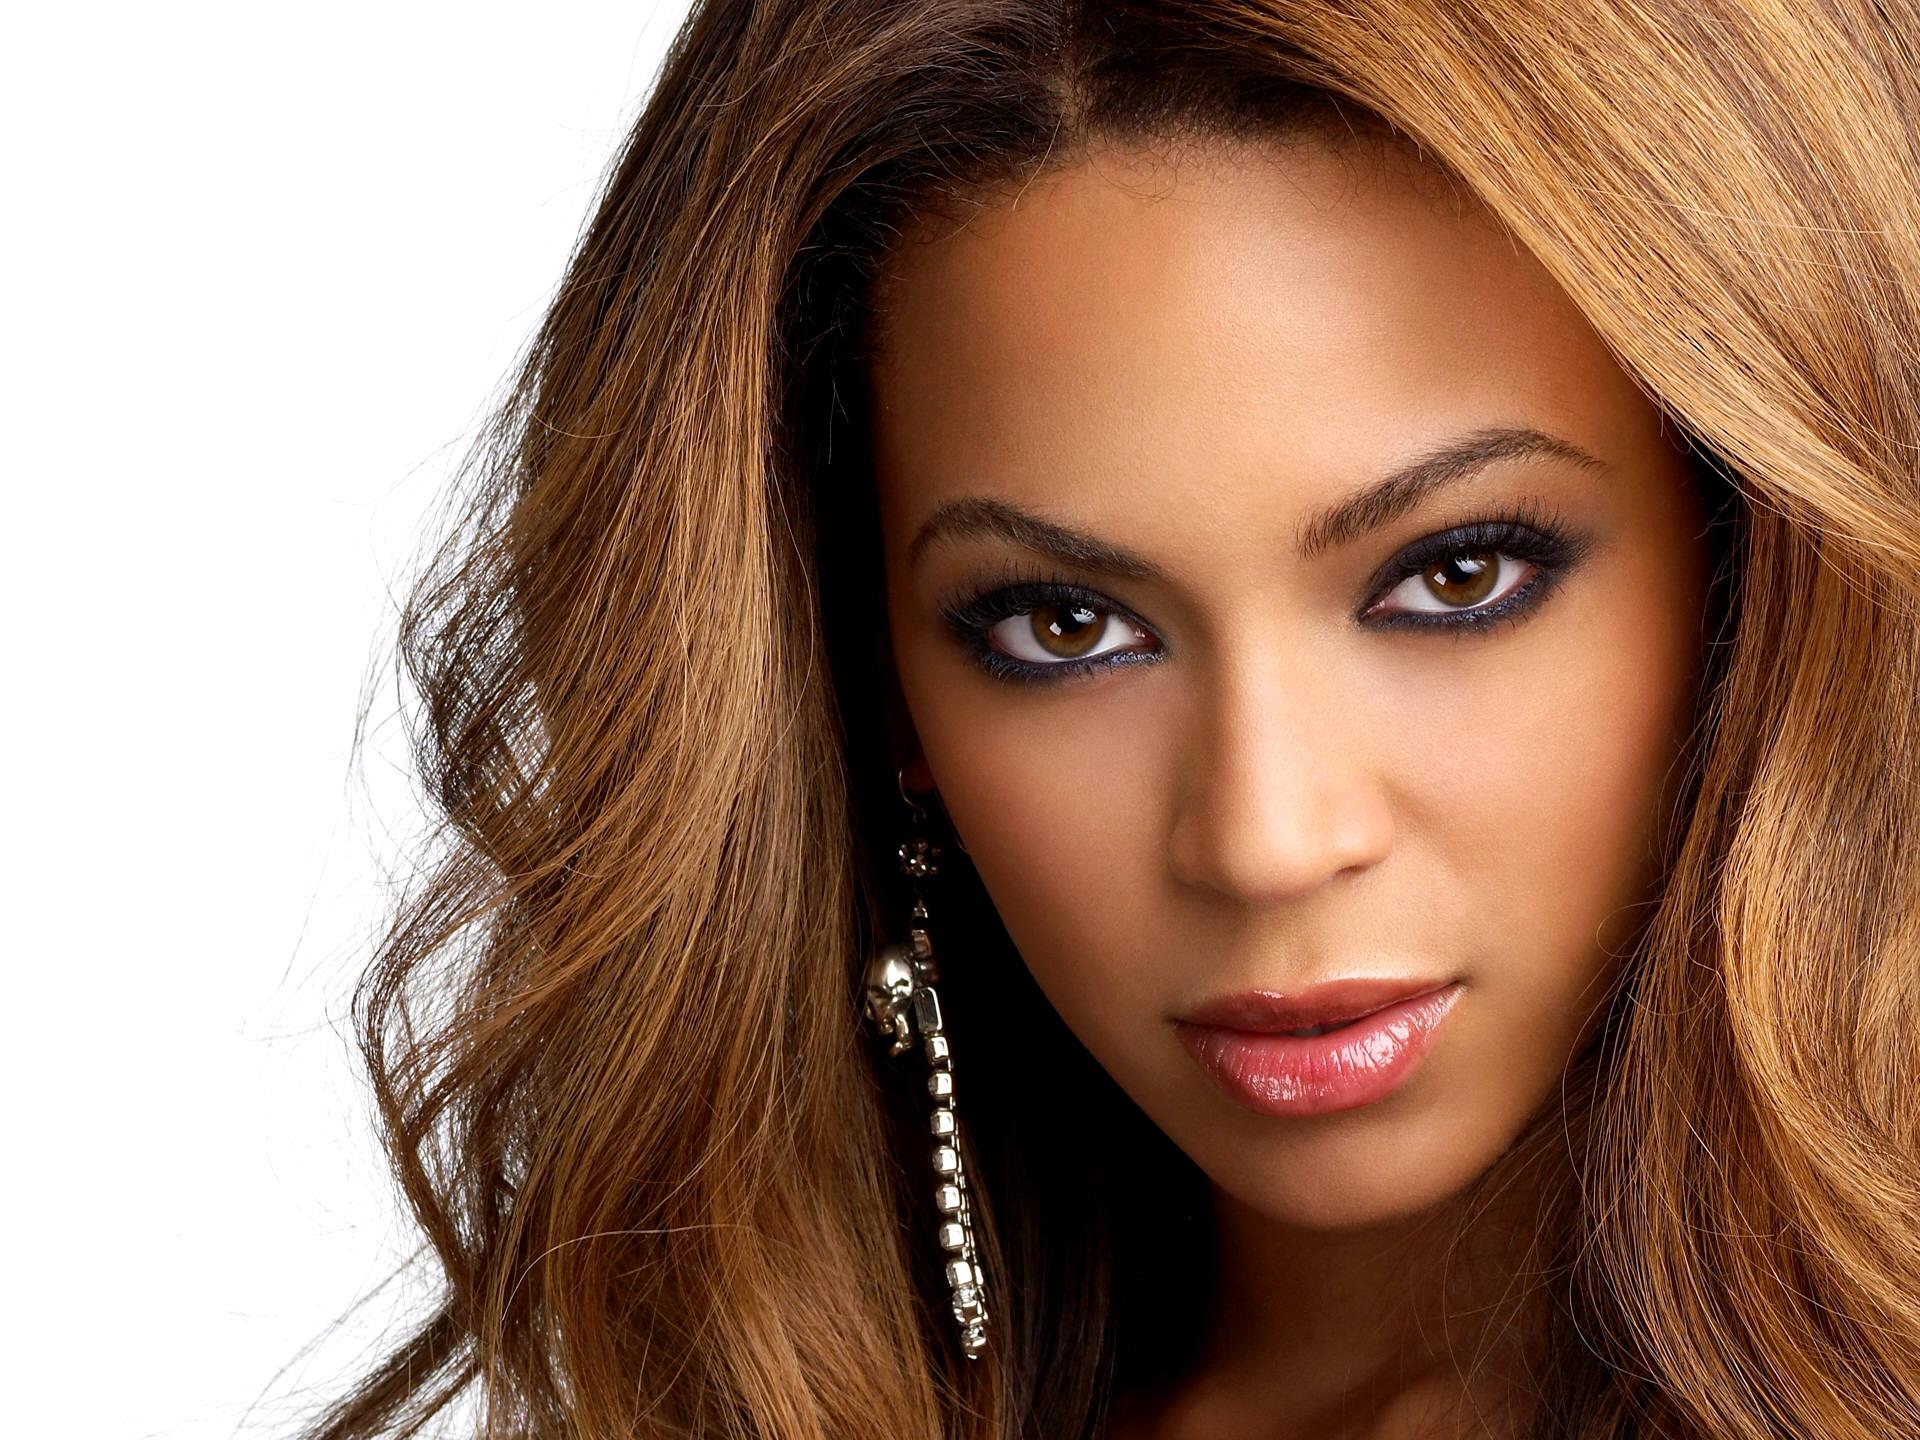 Beyoncé - Sempre fico vendo videoclipes dela! Tenho uma playlist só com clipes dela que fico fazendo karaokê e tentando imitar. A Beyoncé só melhora. Tenho muito orgulho dela. Ela é demais. Ela é muito melhor que a Madonna. Por causa dela eu até comecei a gostar da Lady Gaga